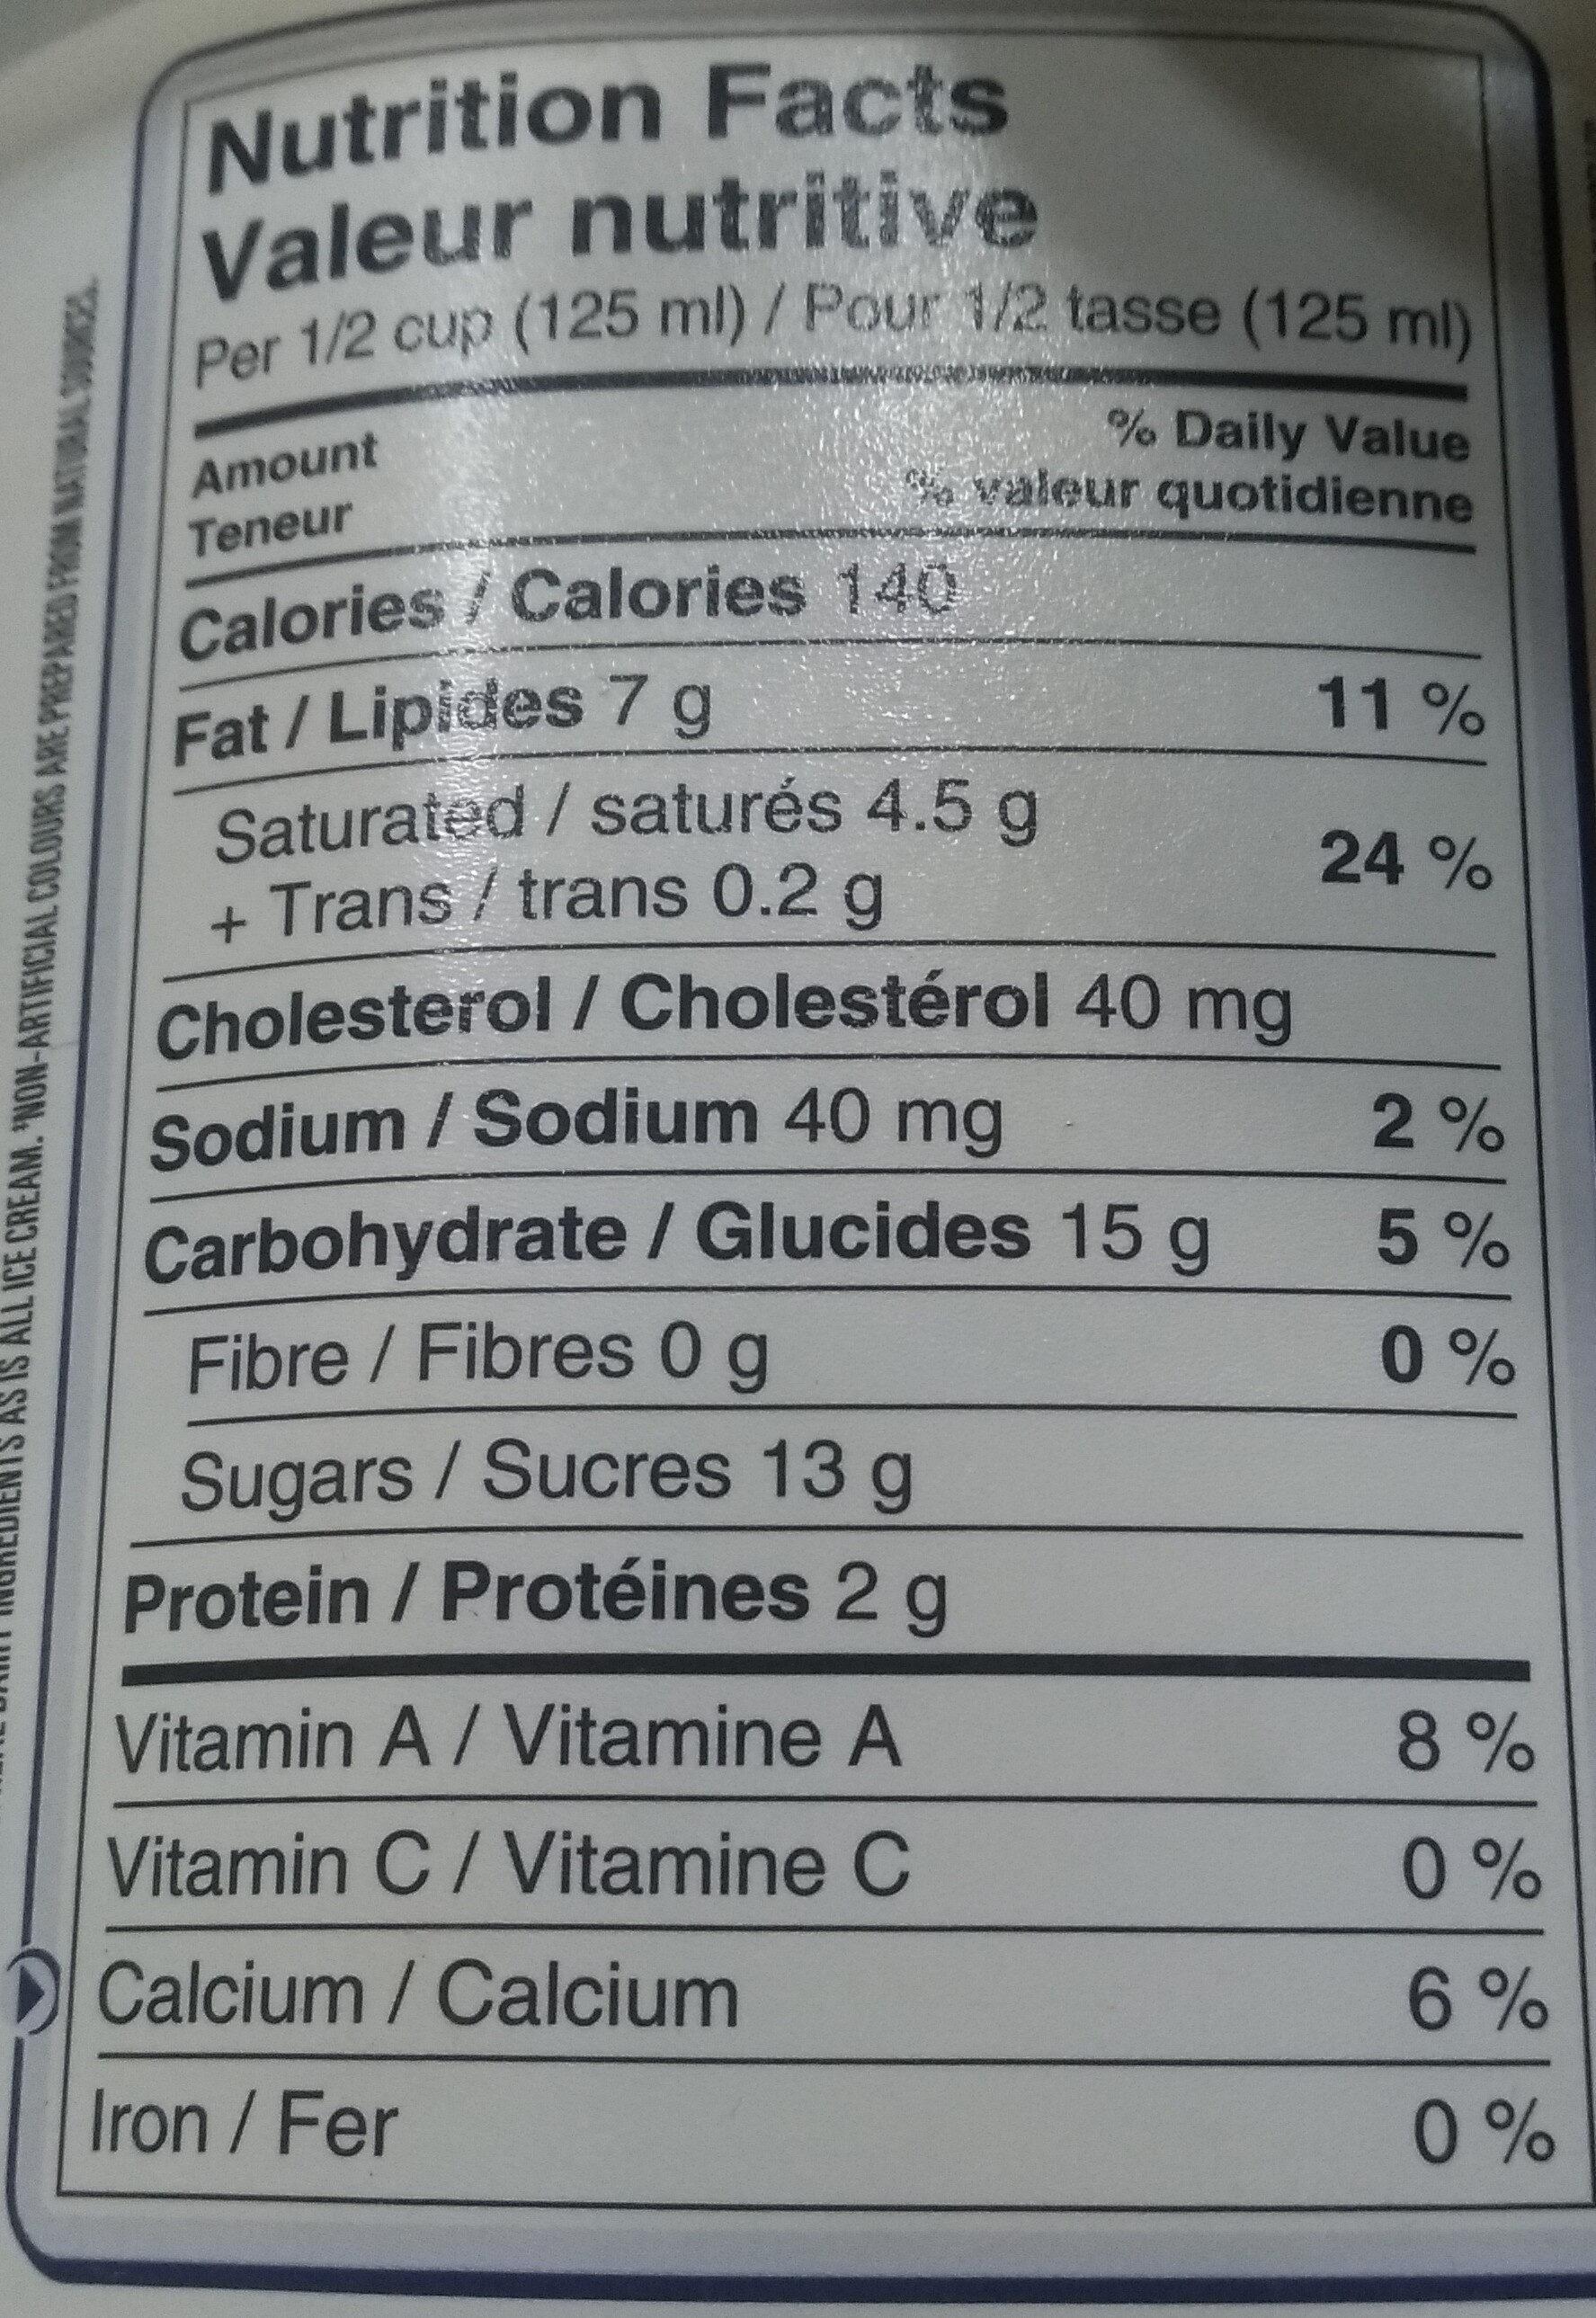 La vraie crème - Informations nutritionnelles - fr